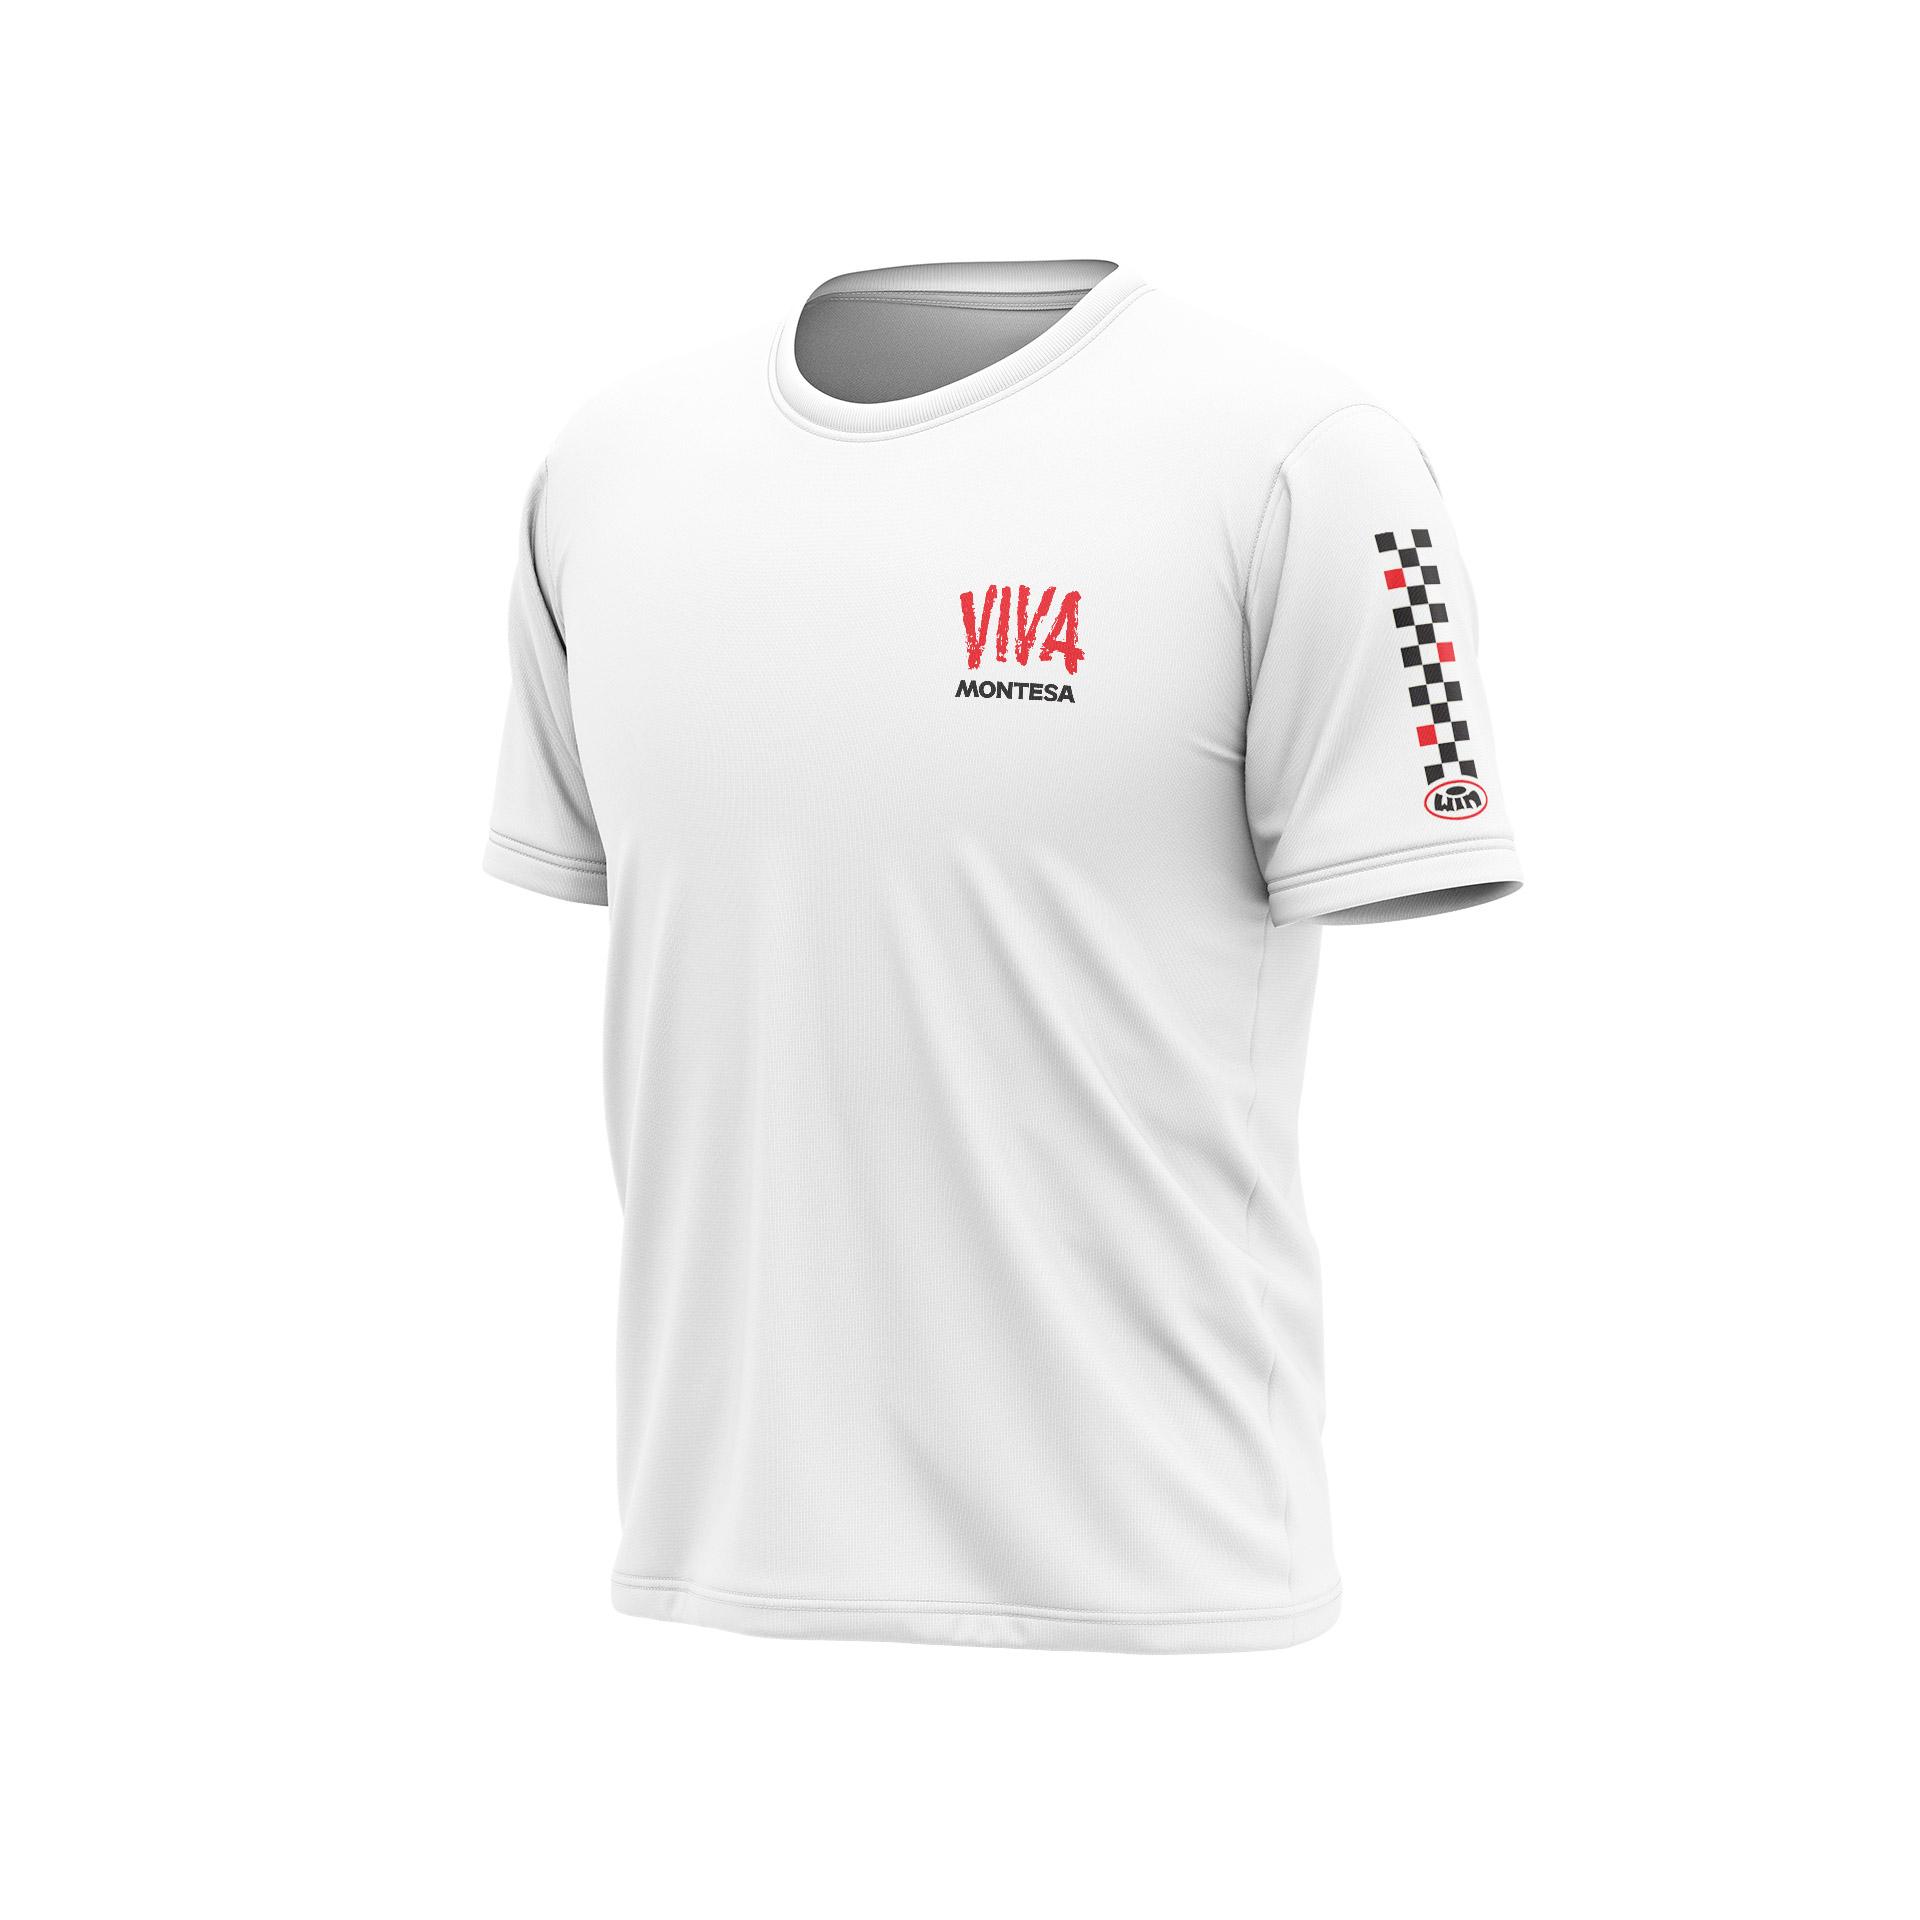 TSD MONTESA Viva Heart Blanc - Noir Rouge